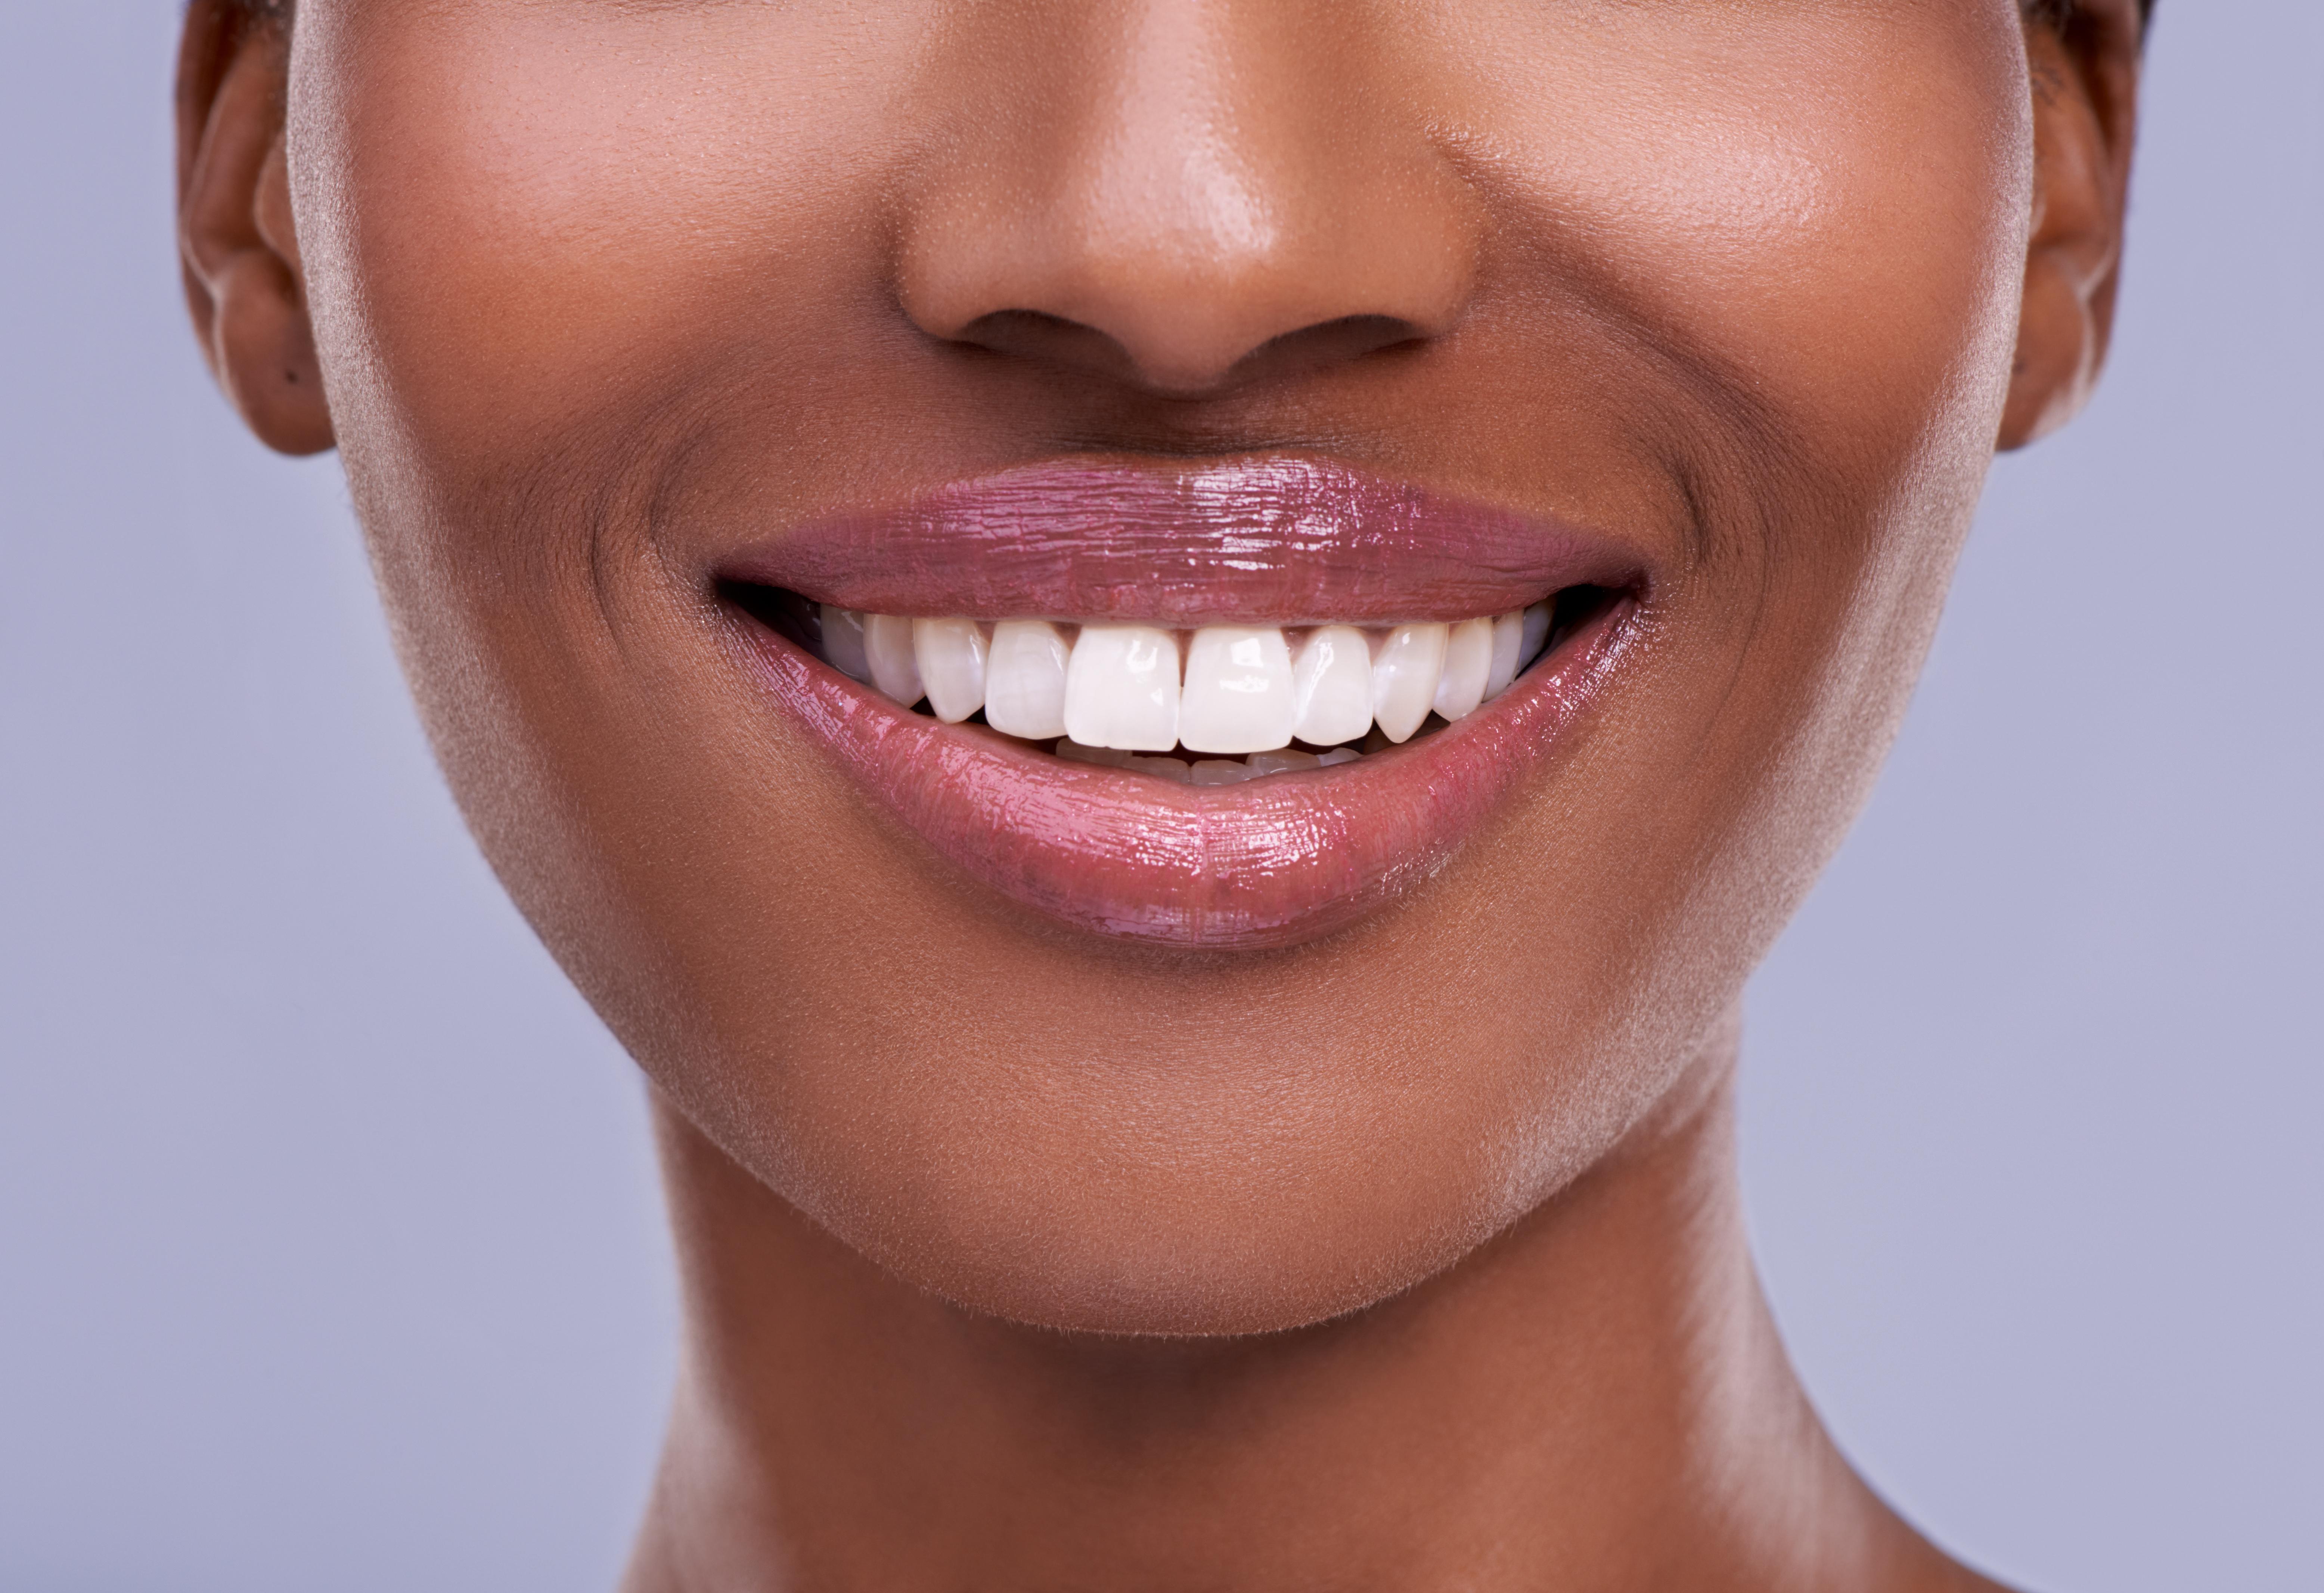 Labios jóvenes y saludables